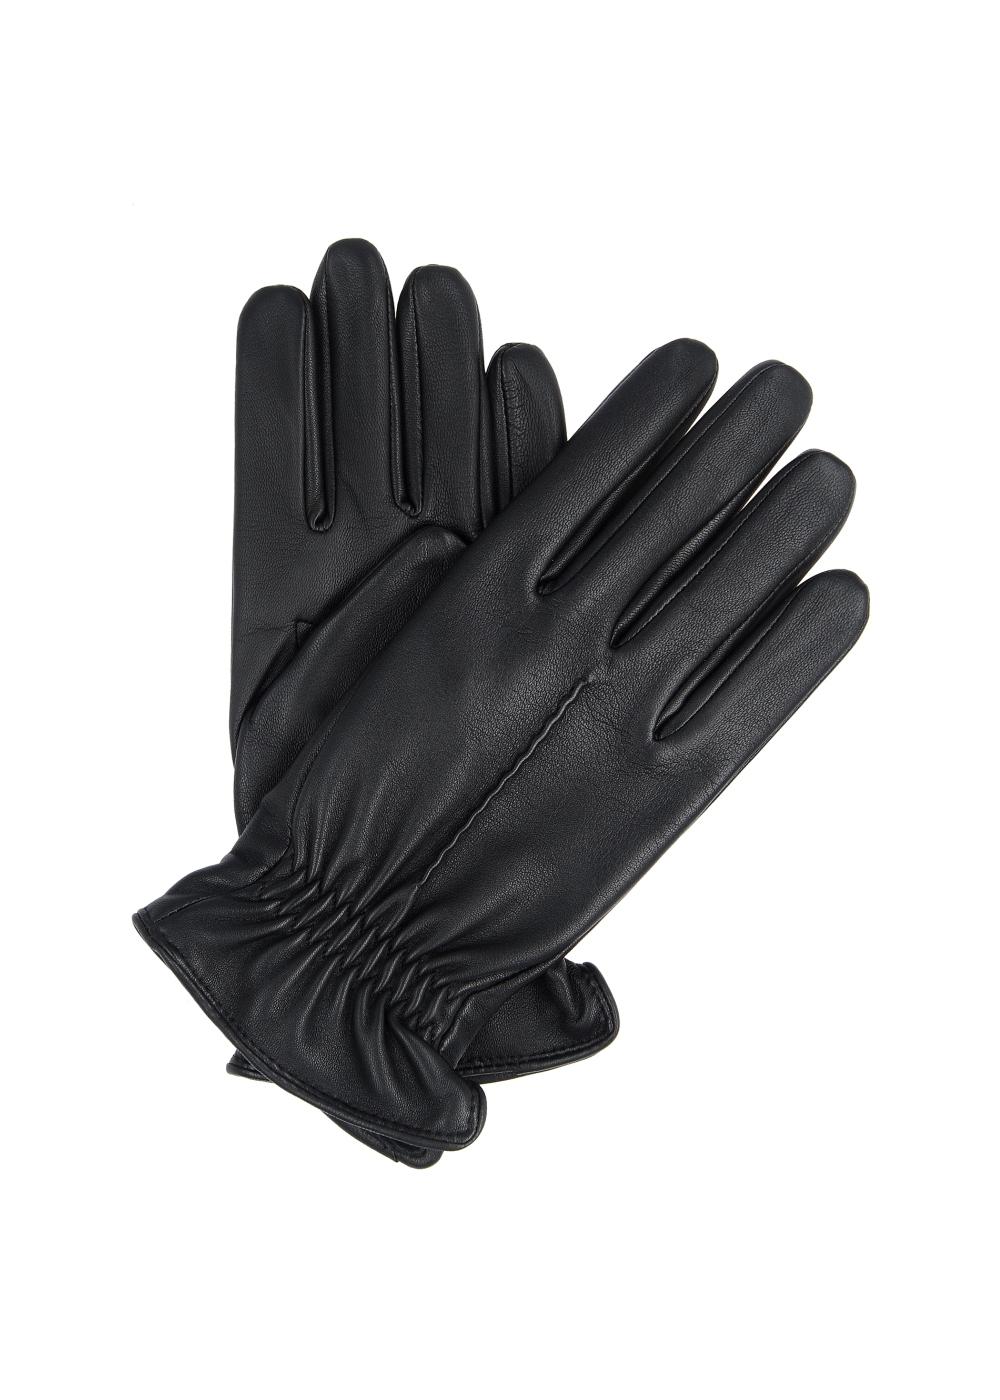 Rękawiczki męskie REKMS-0019-99(Z17)